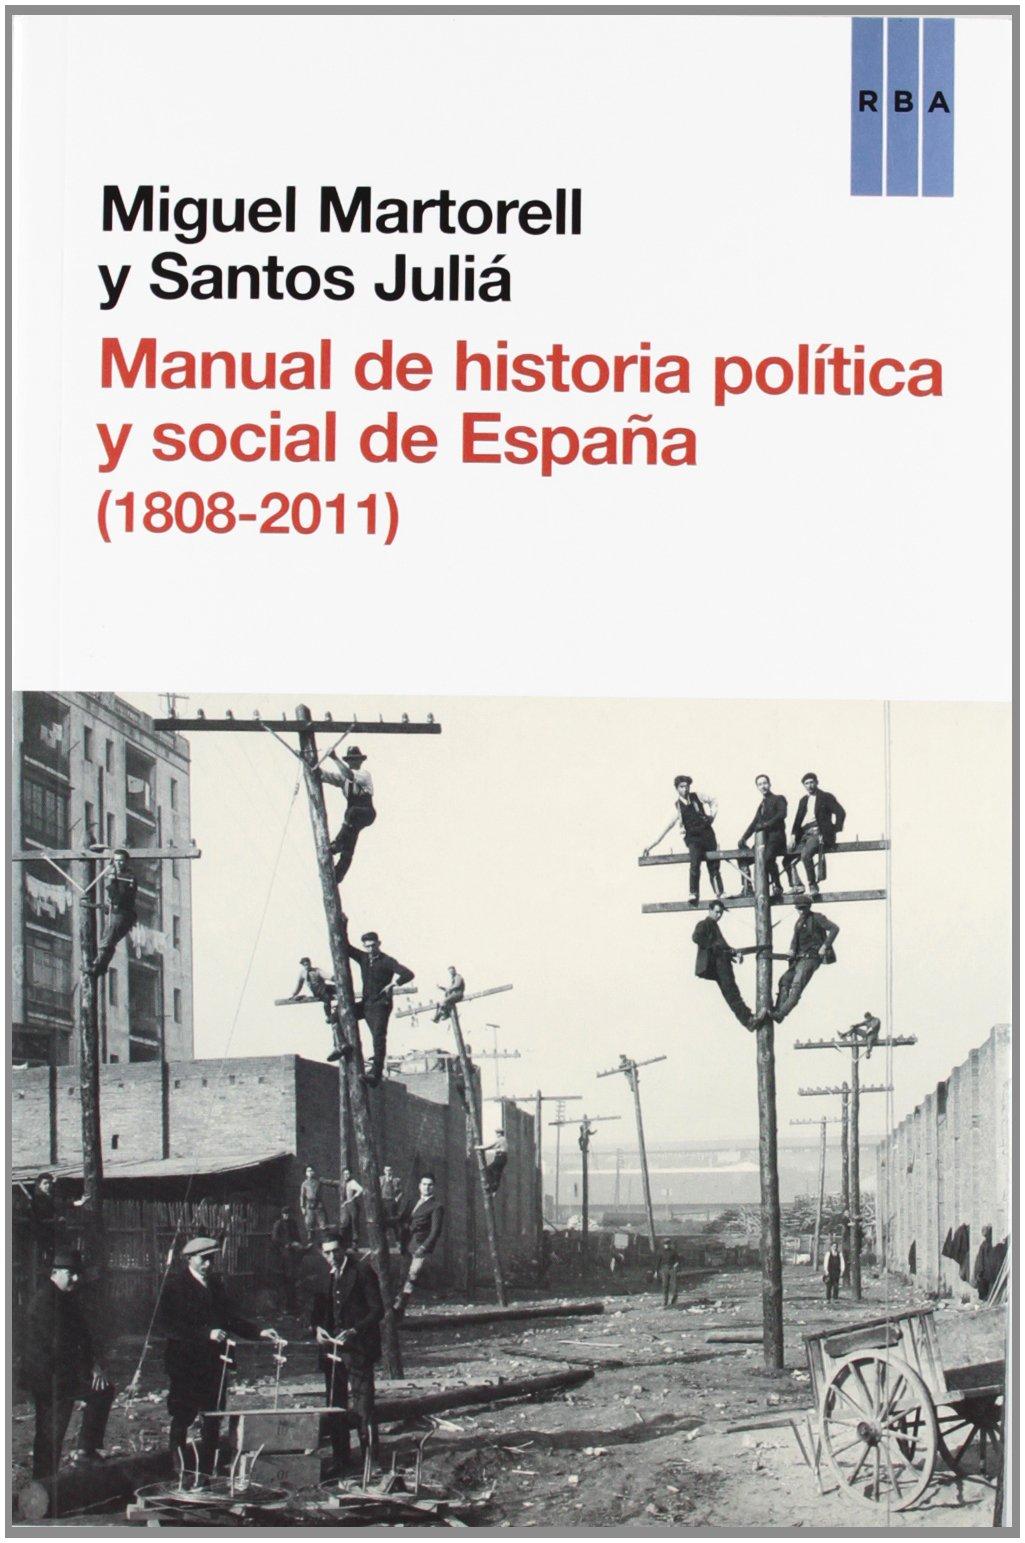 Manual de Historia Política y Social de España ENSAYO Y BIOGRAFÍA: Amazon.es: Juliá, Santos, Martorell, Miguel: Libros